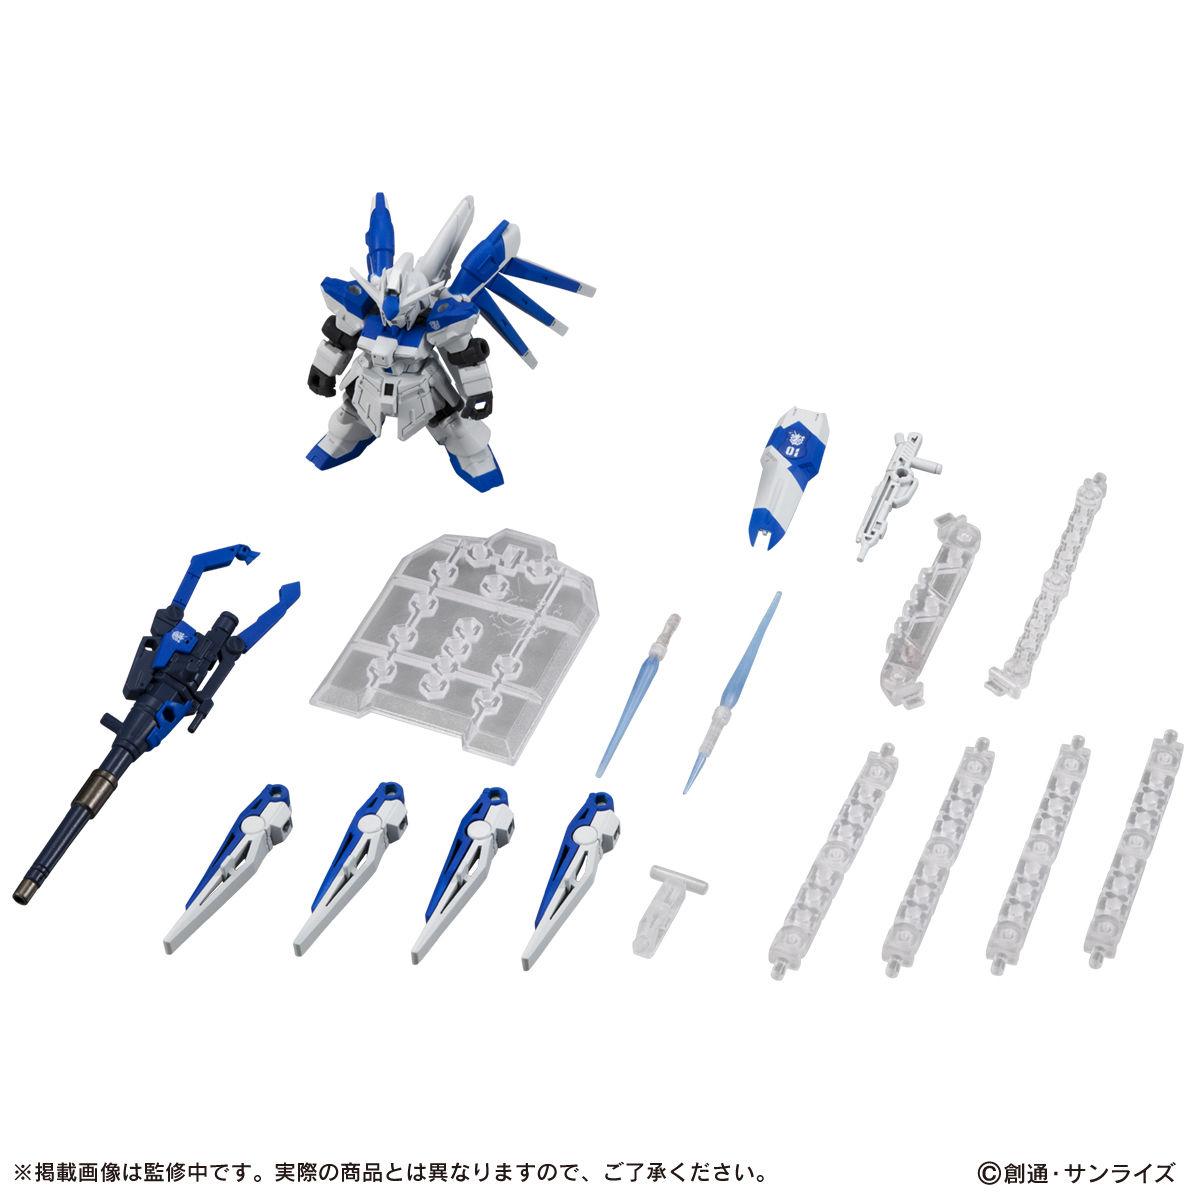 【限定販売】MOBILE SUIT ENSEMBLE『EX27 Hi-νガンダムセット』デフォルメ可動フィギュア-006